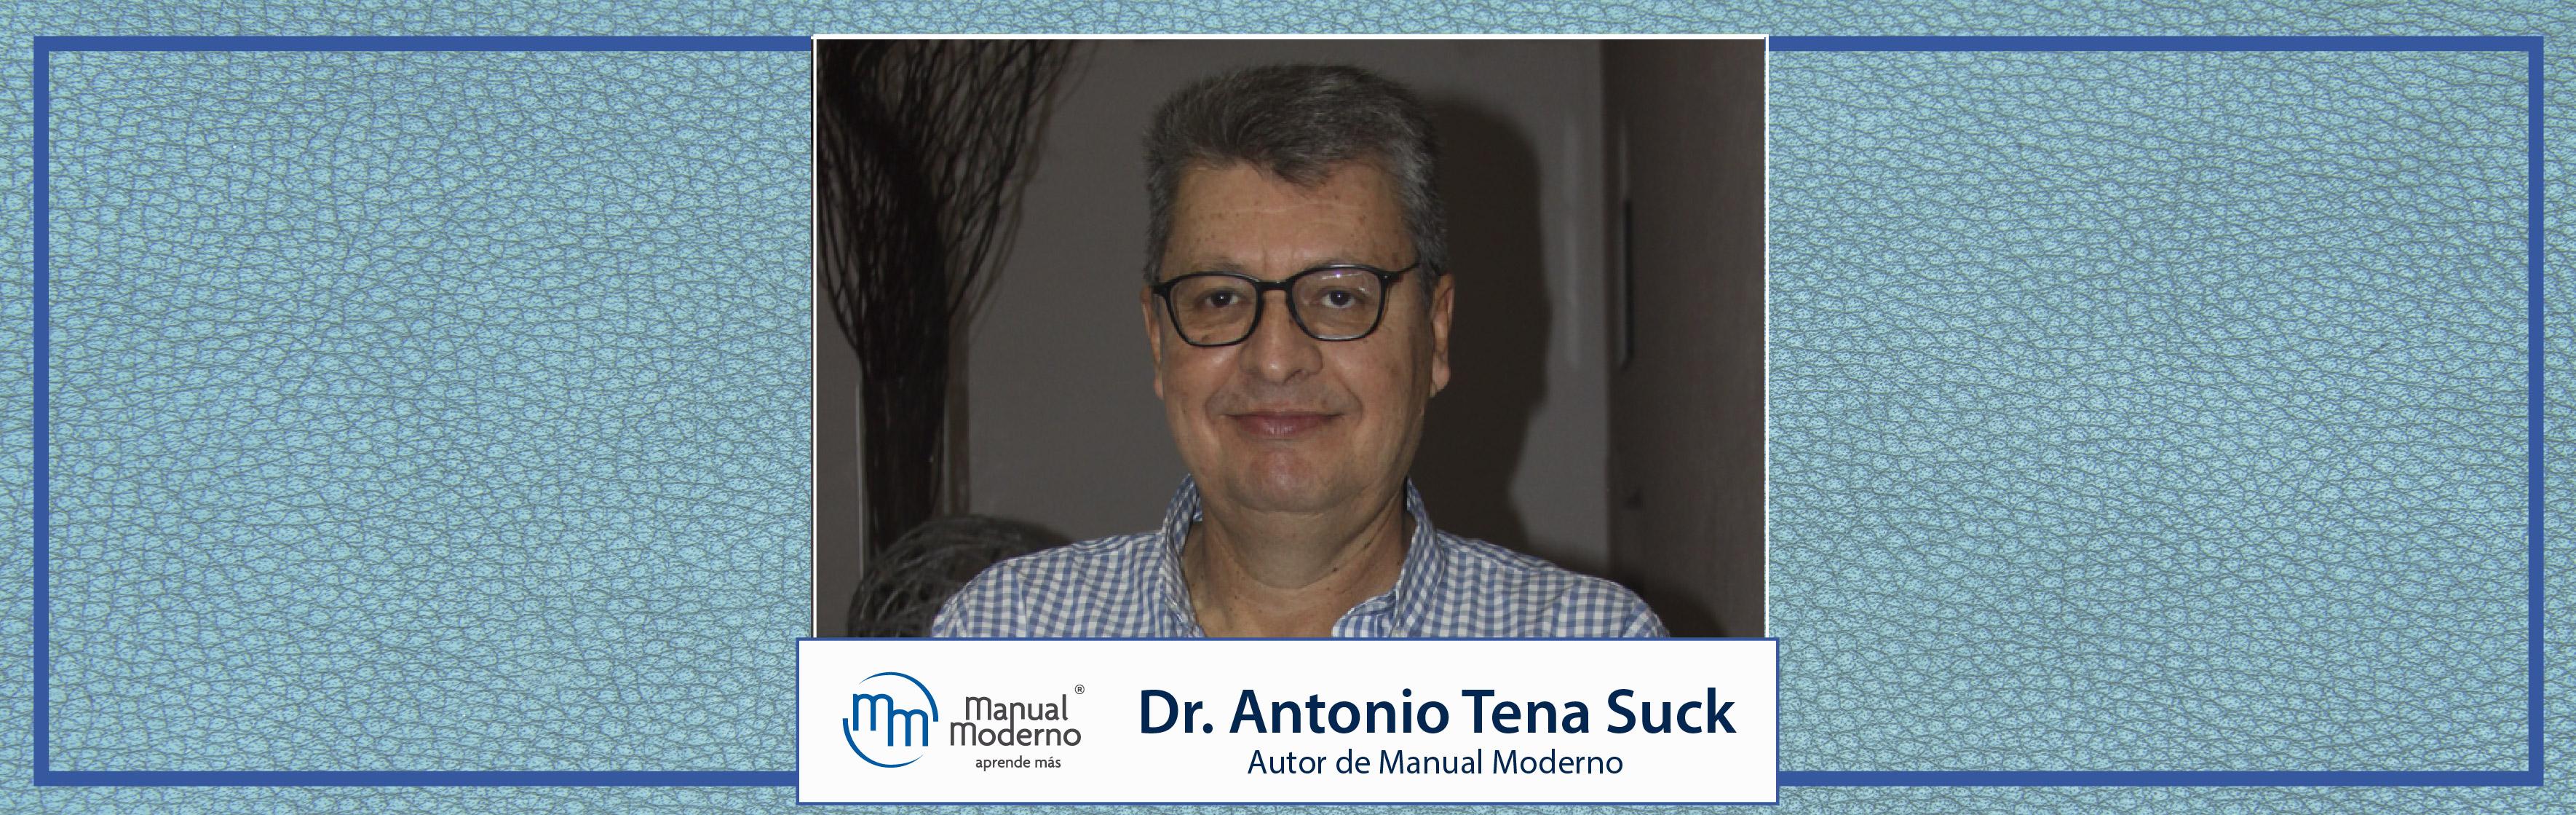 NUESTROS AUTORES. Dr. Antonio Tena Suck